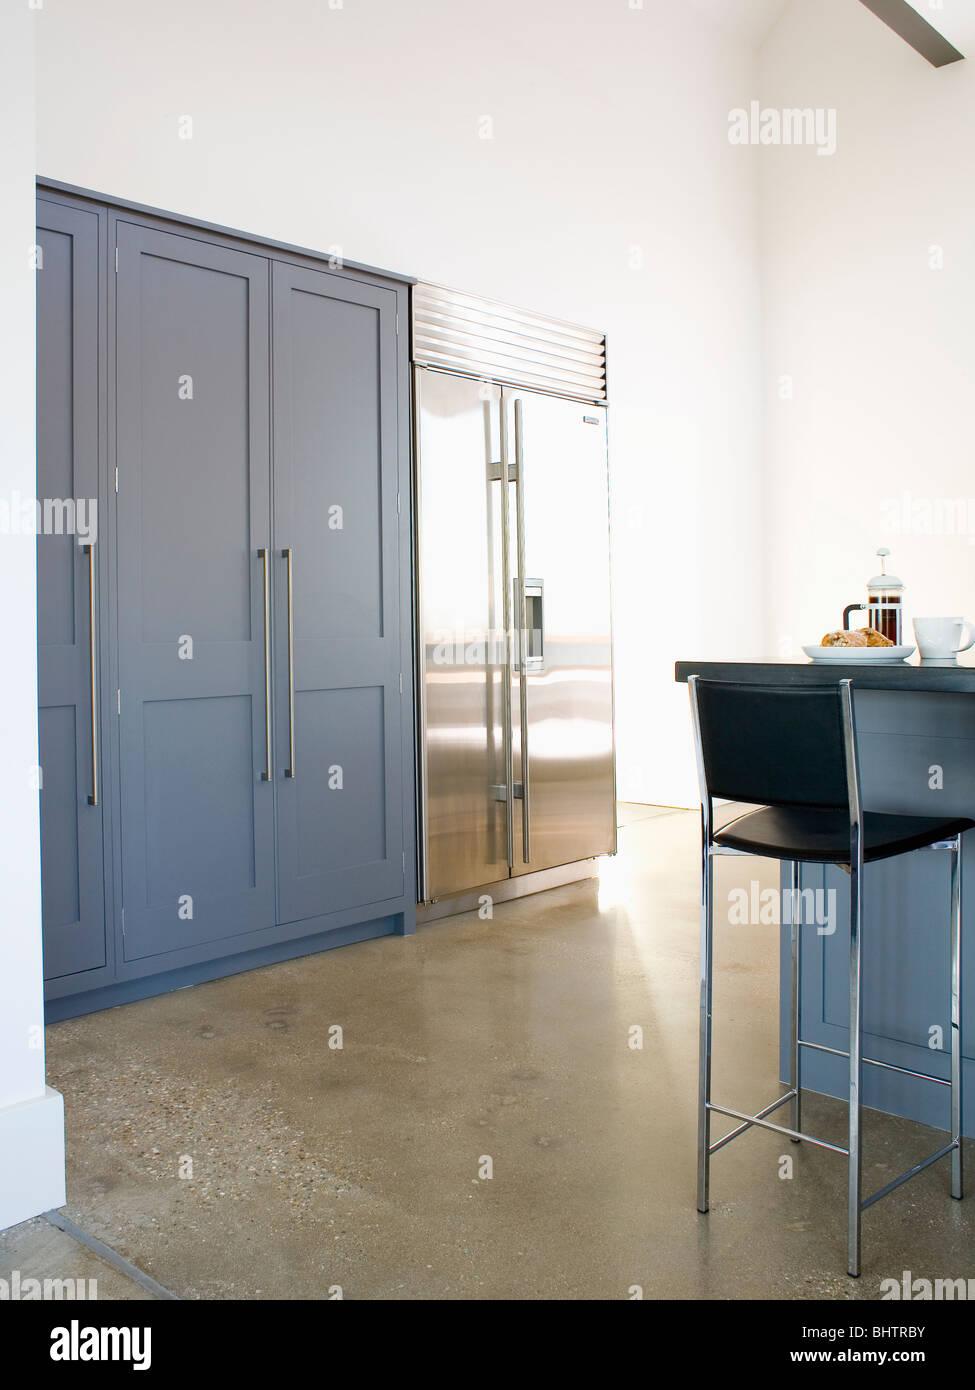 Interior Interiors Fridge Fridges Refrigerator